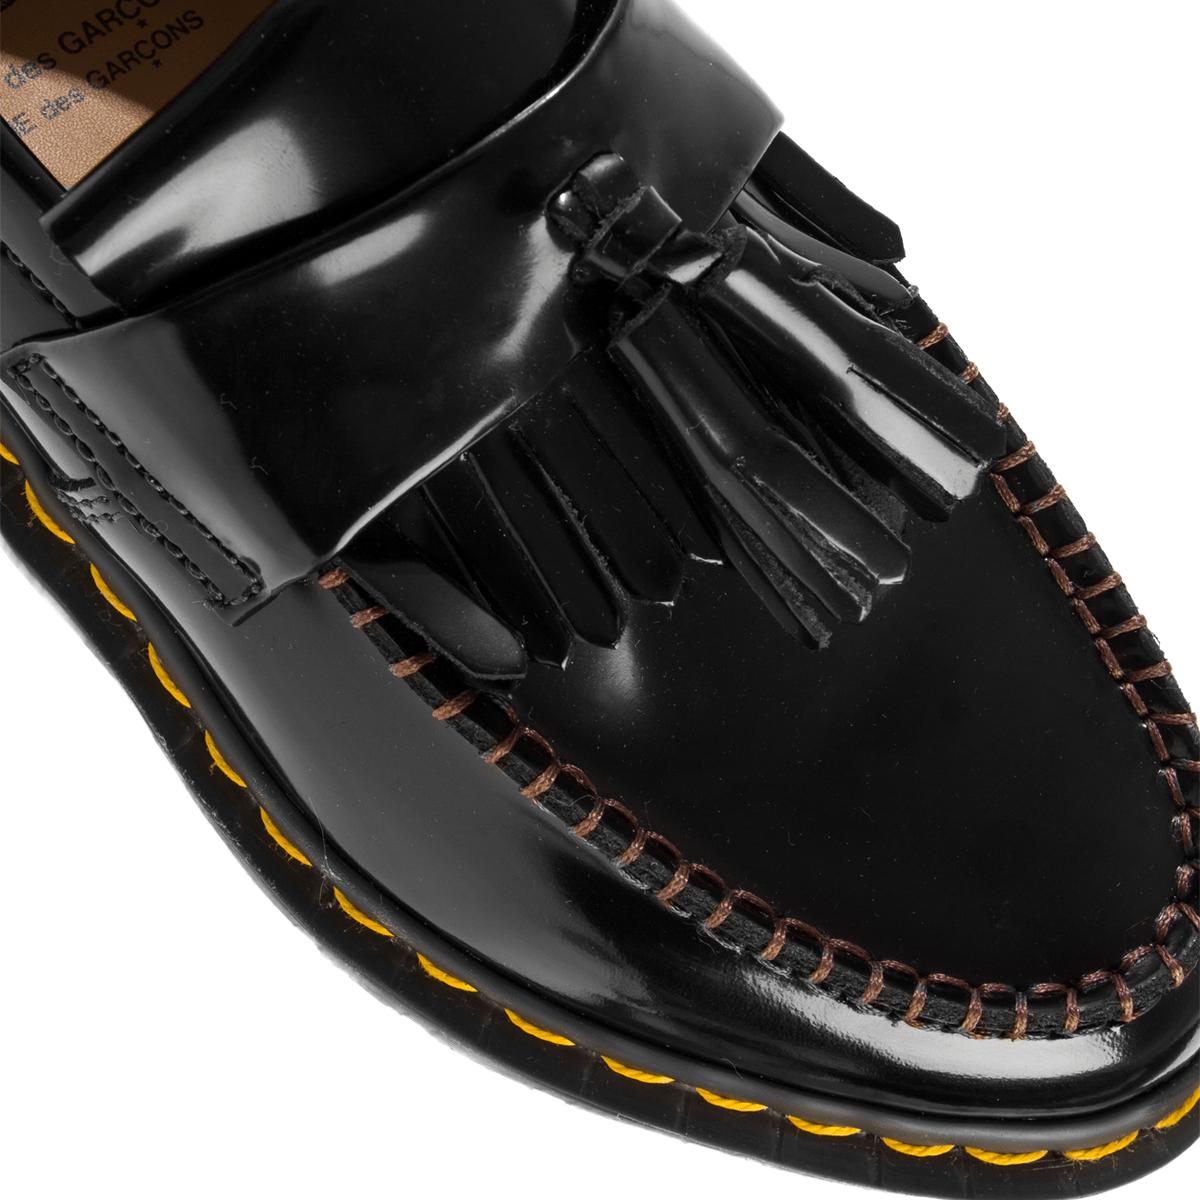 Dr. Martens Adrian Tassel Loafer Shoes